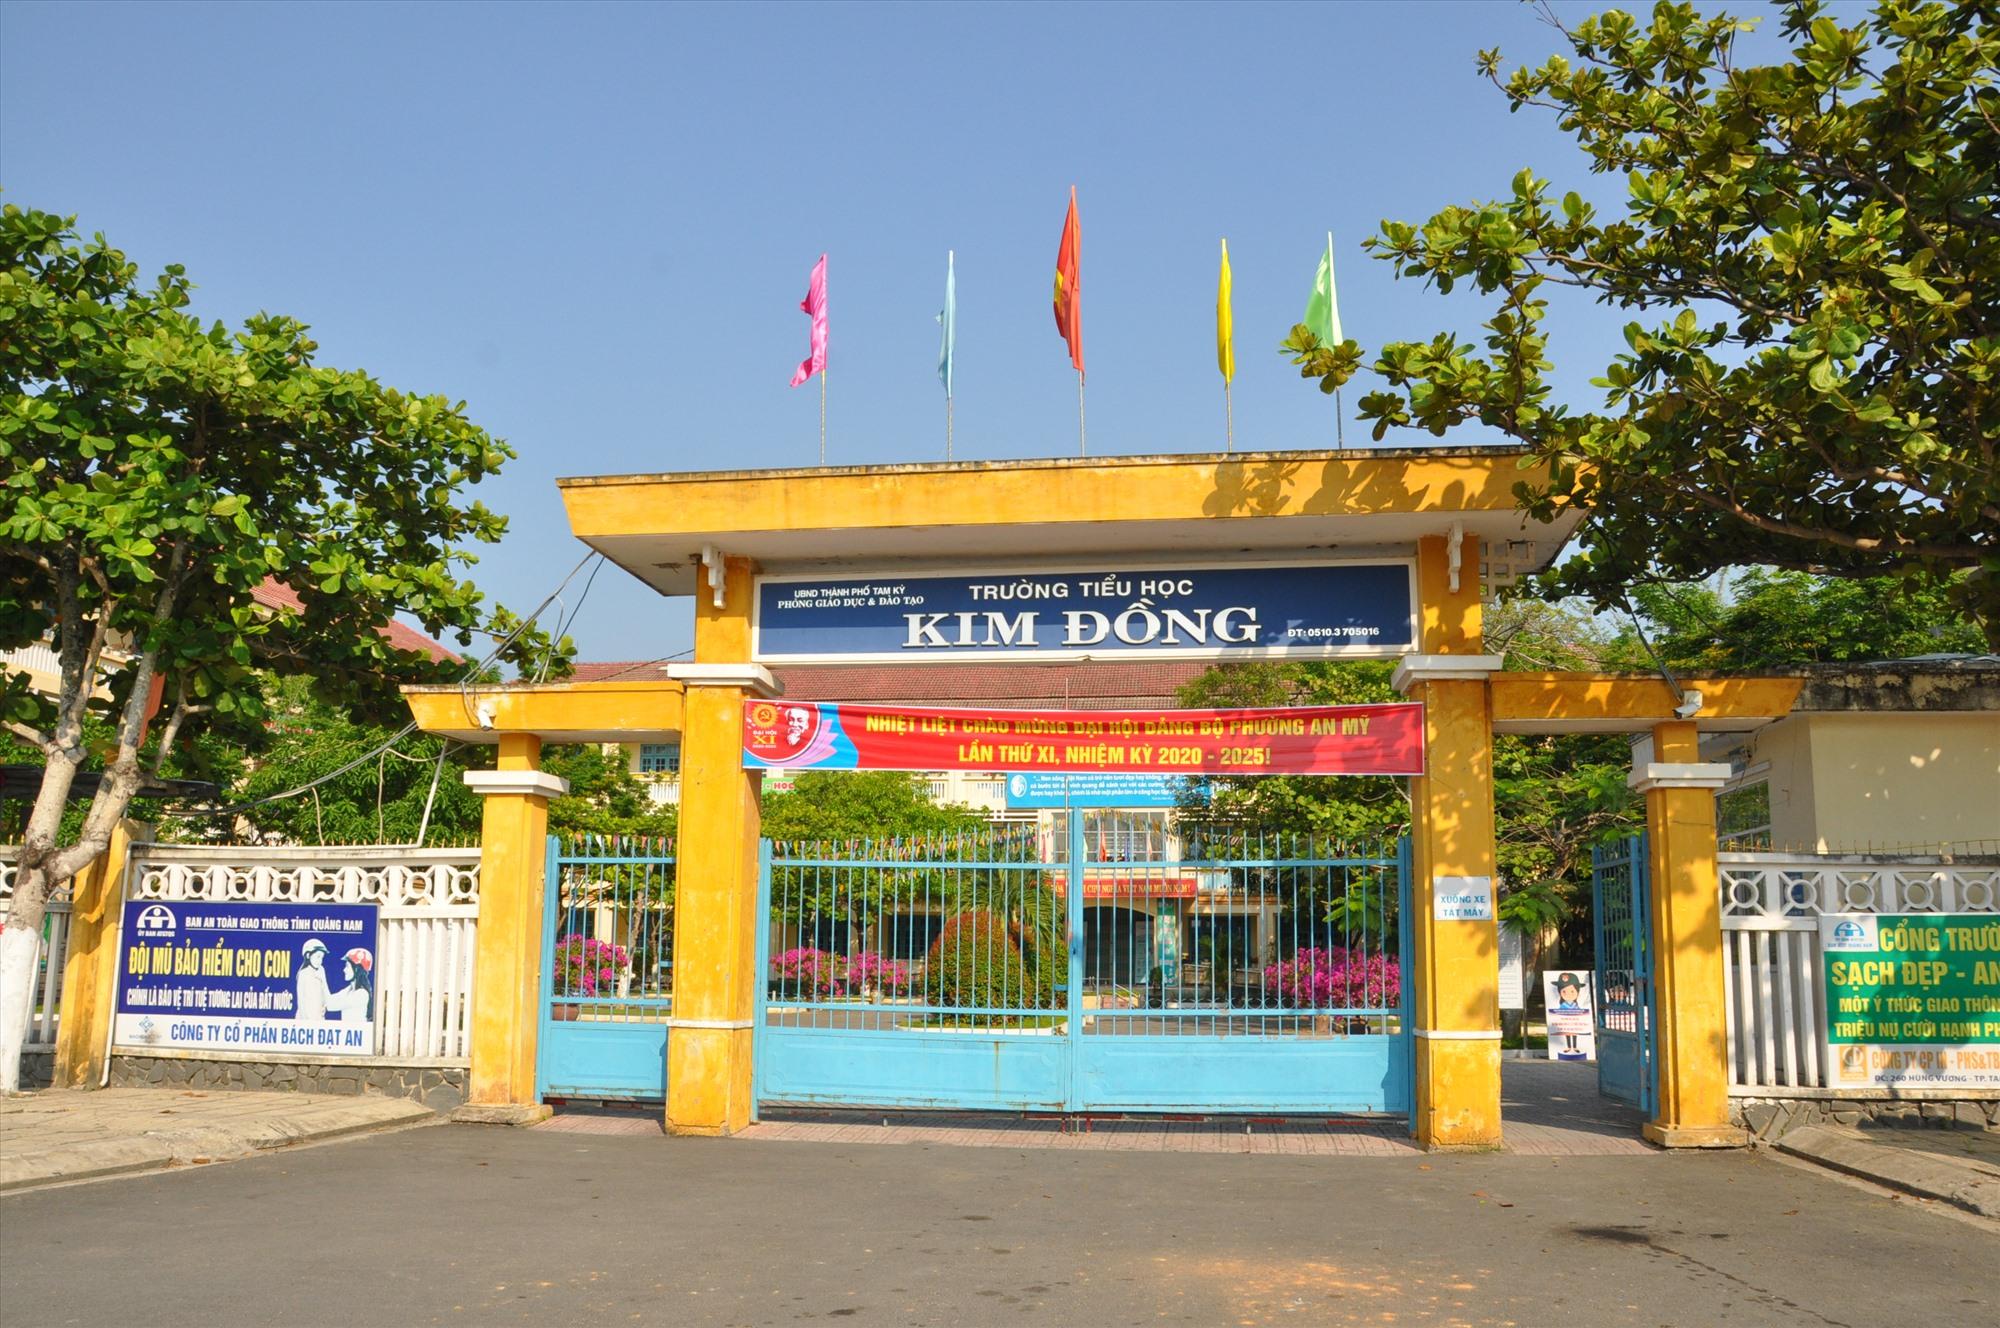 Phường An Mỹ (Tam Kỳ) vẫn chấp nhận phương án bố trí 2 trường tiểu học là Võ Thị Sáu và Kim Đồng do số lượng học sinh quá đông. Ảnh: X.P